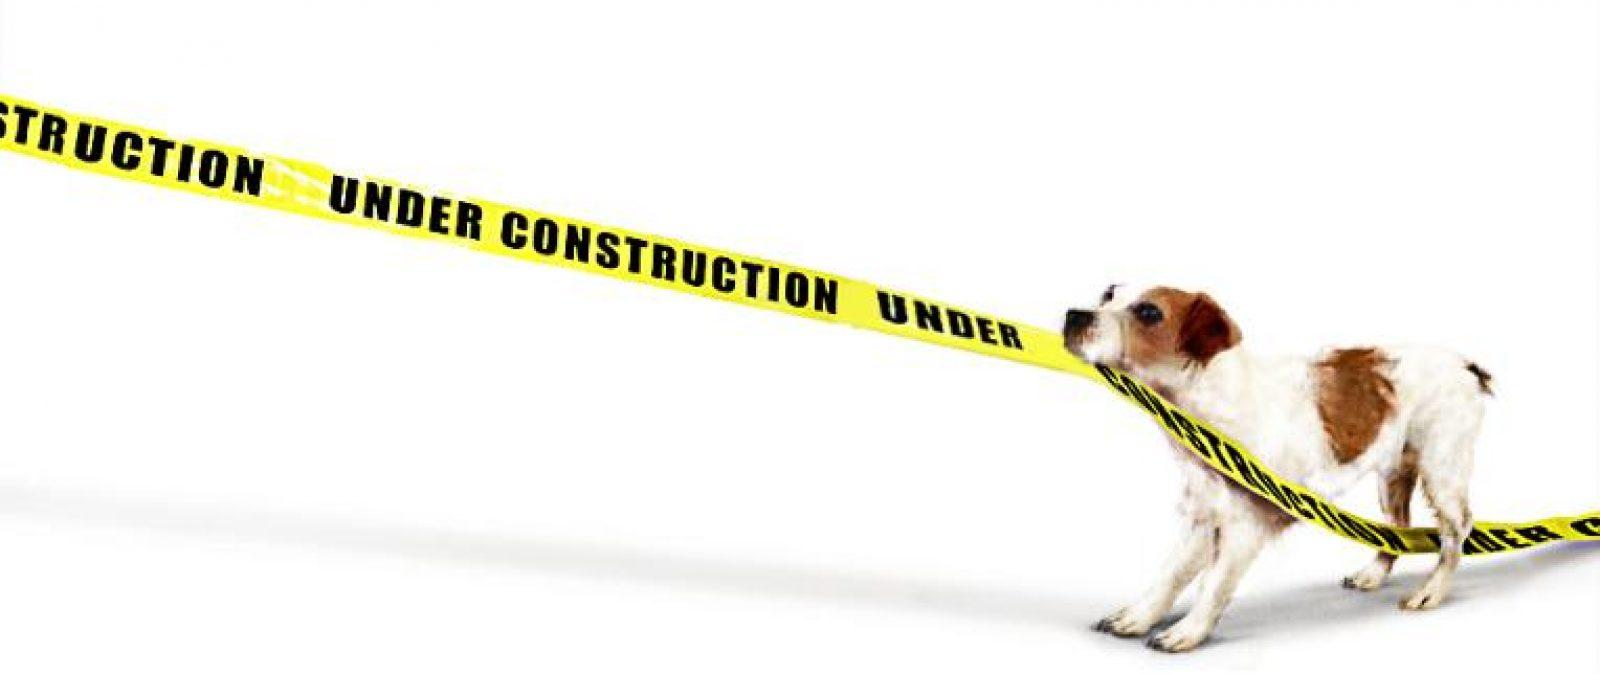 pet_shop_underConstruction